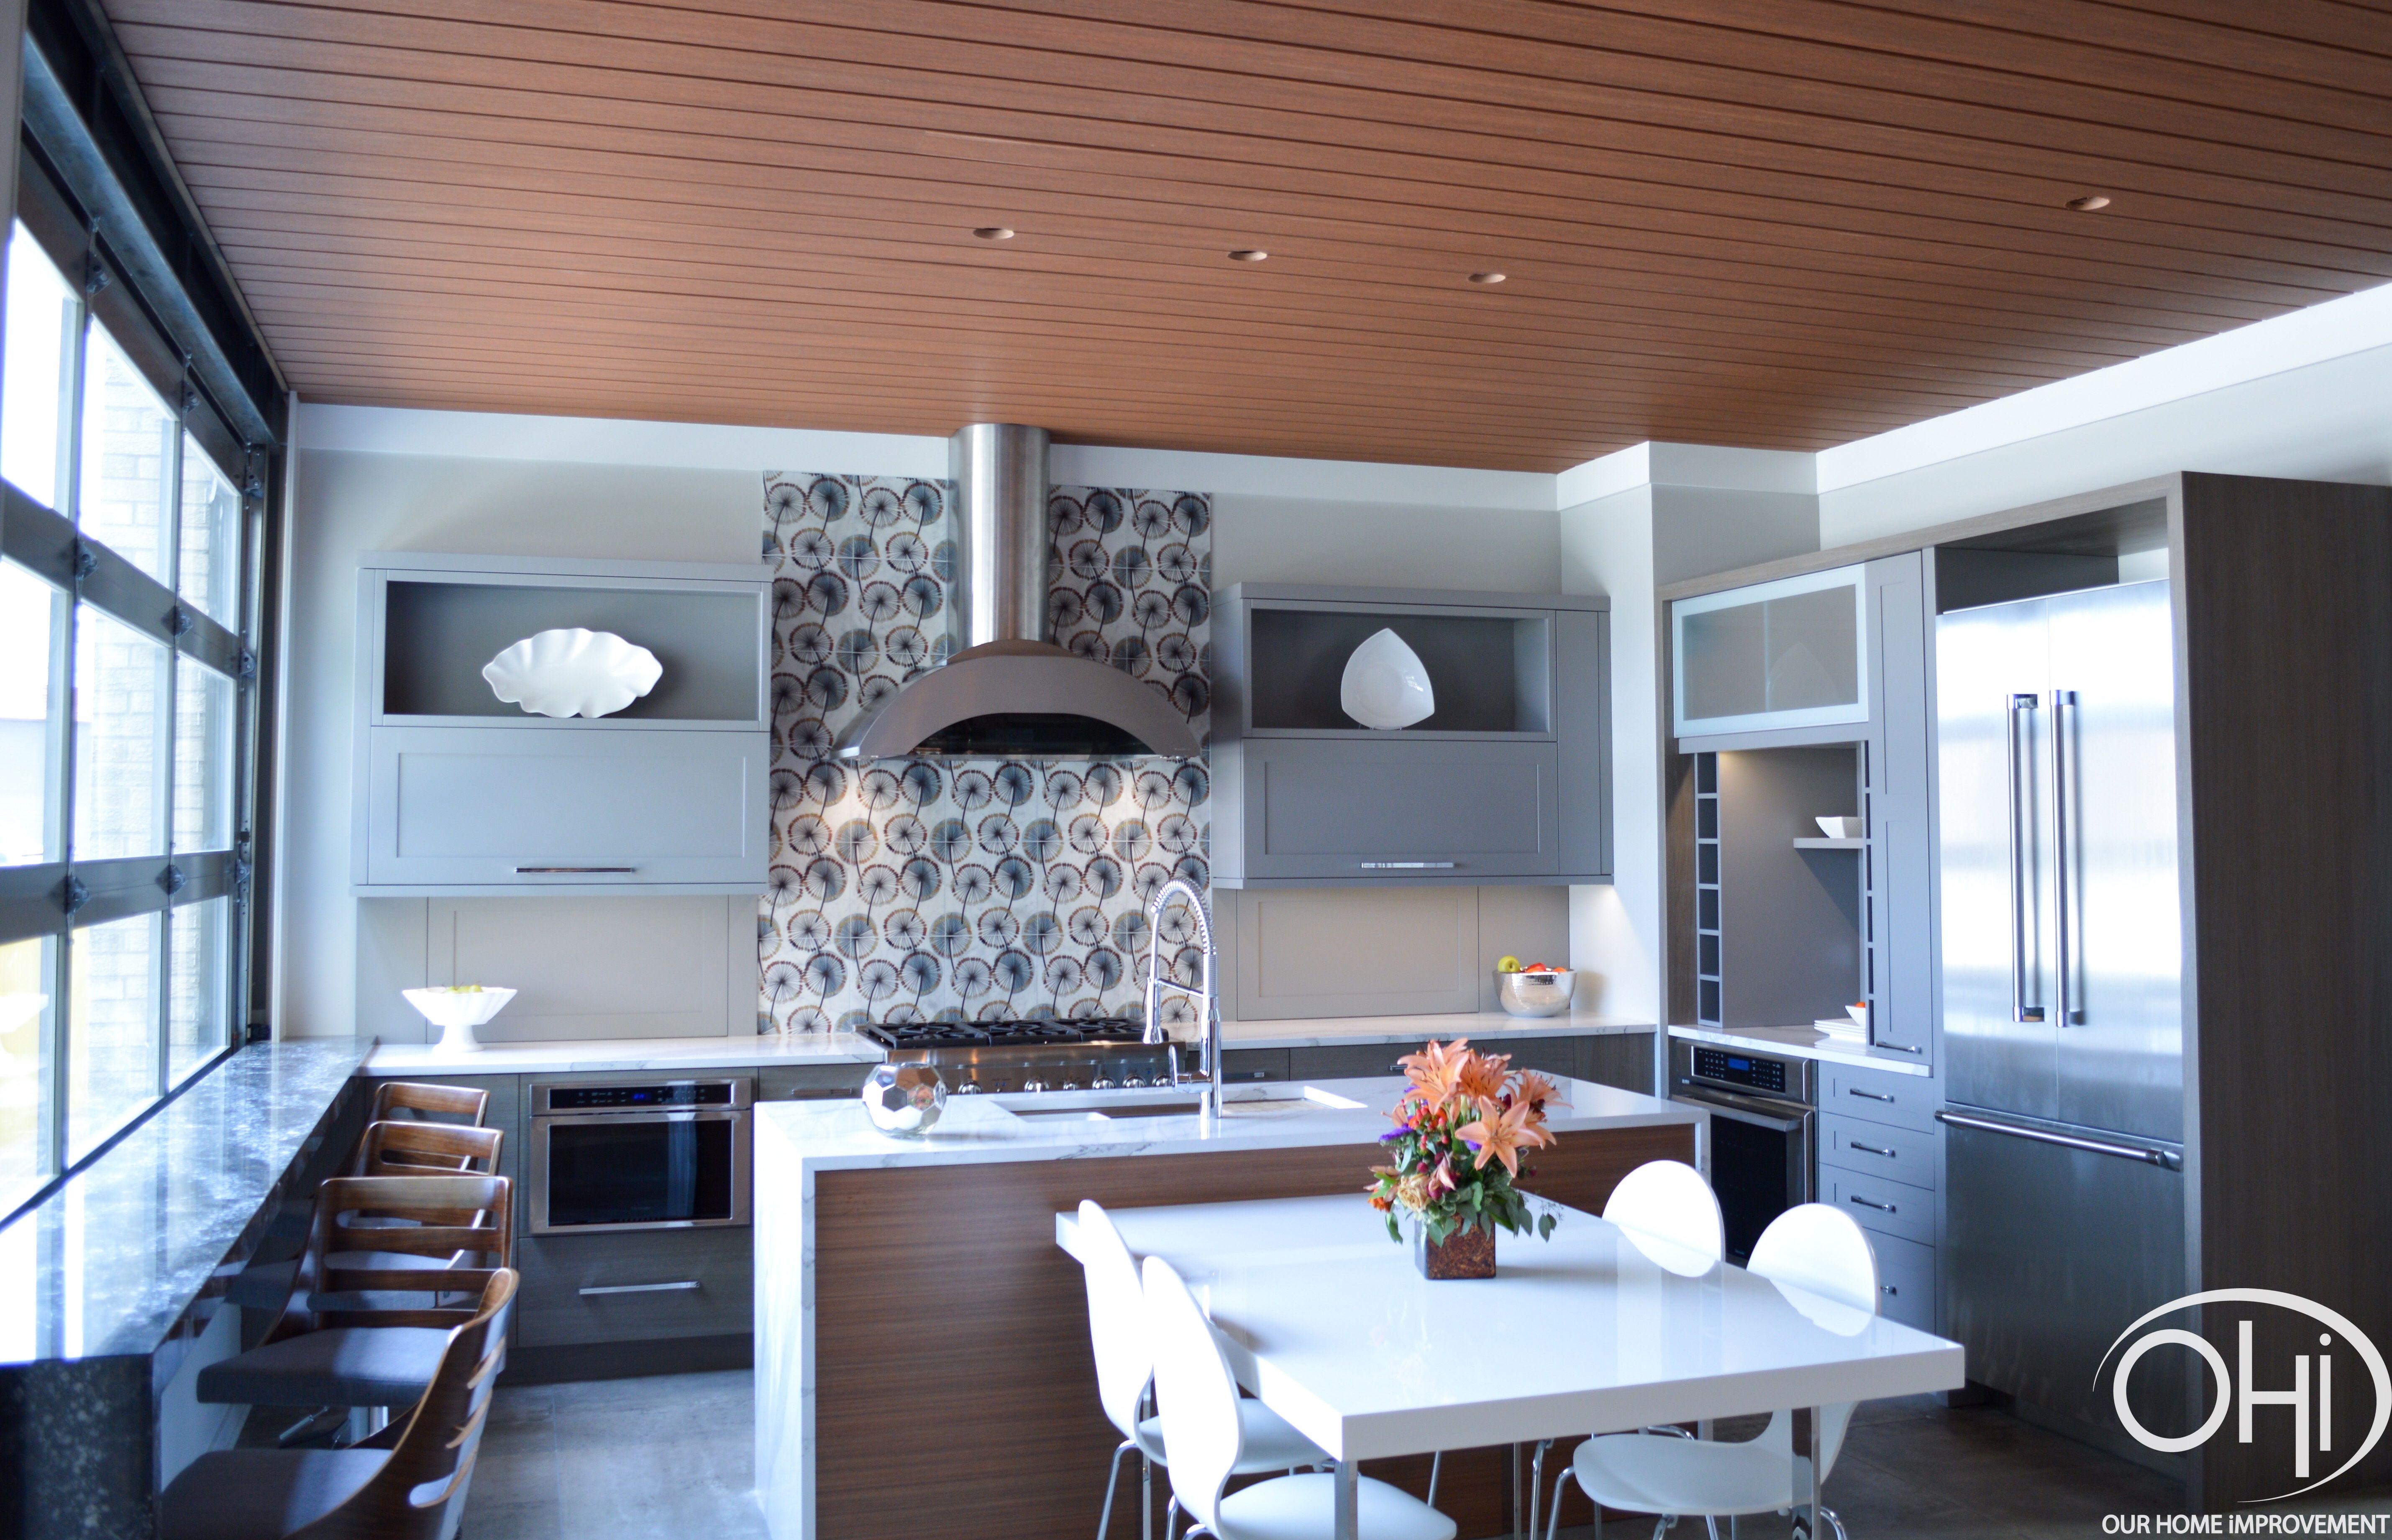 Outdoorküche Klein Quartz : Modern indoor outdoor kitchen with porcelain flooring quartz